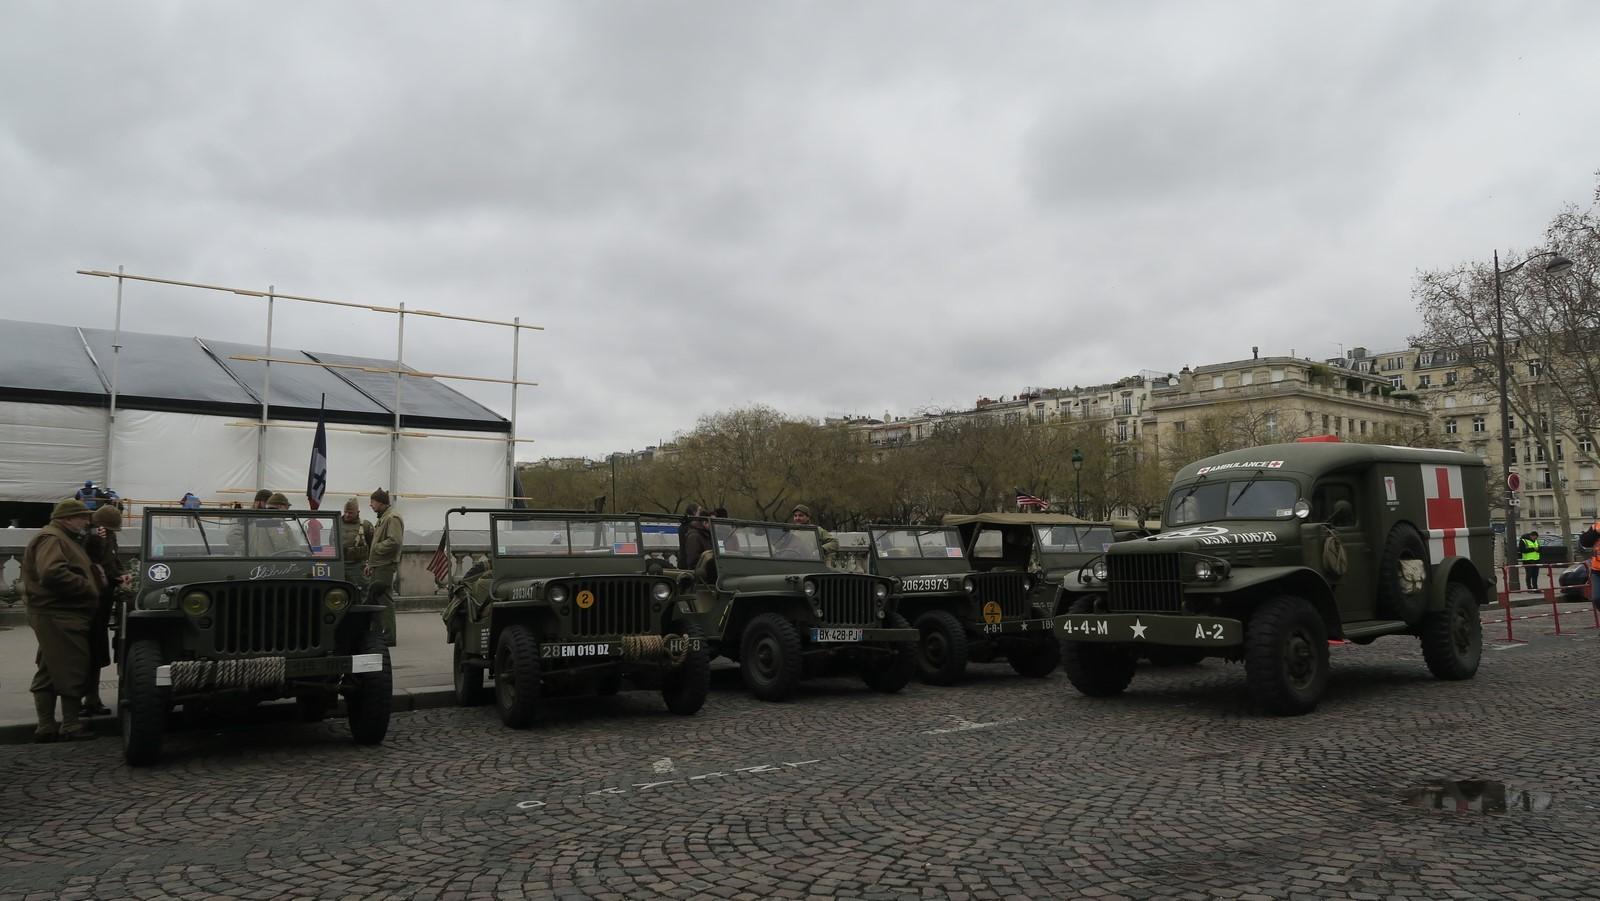 Traversee de Paris hivernale 2019 FM 129